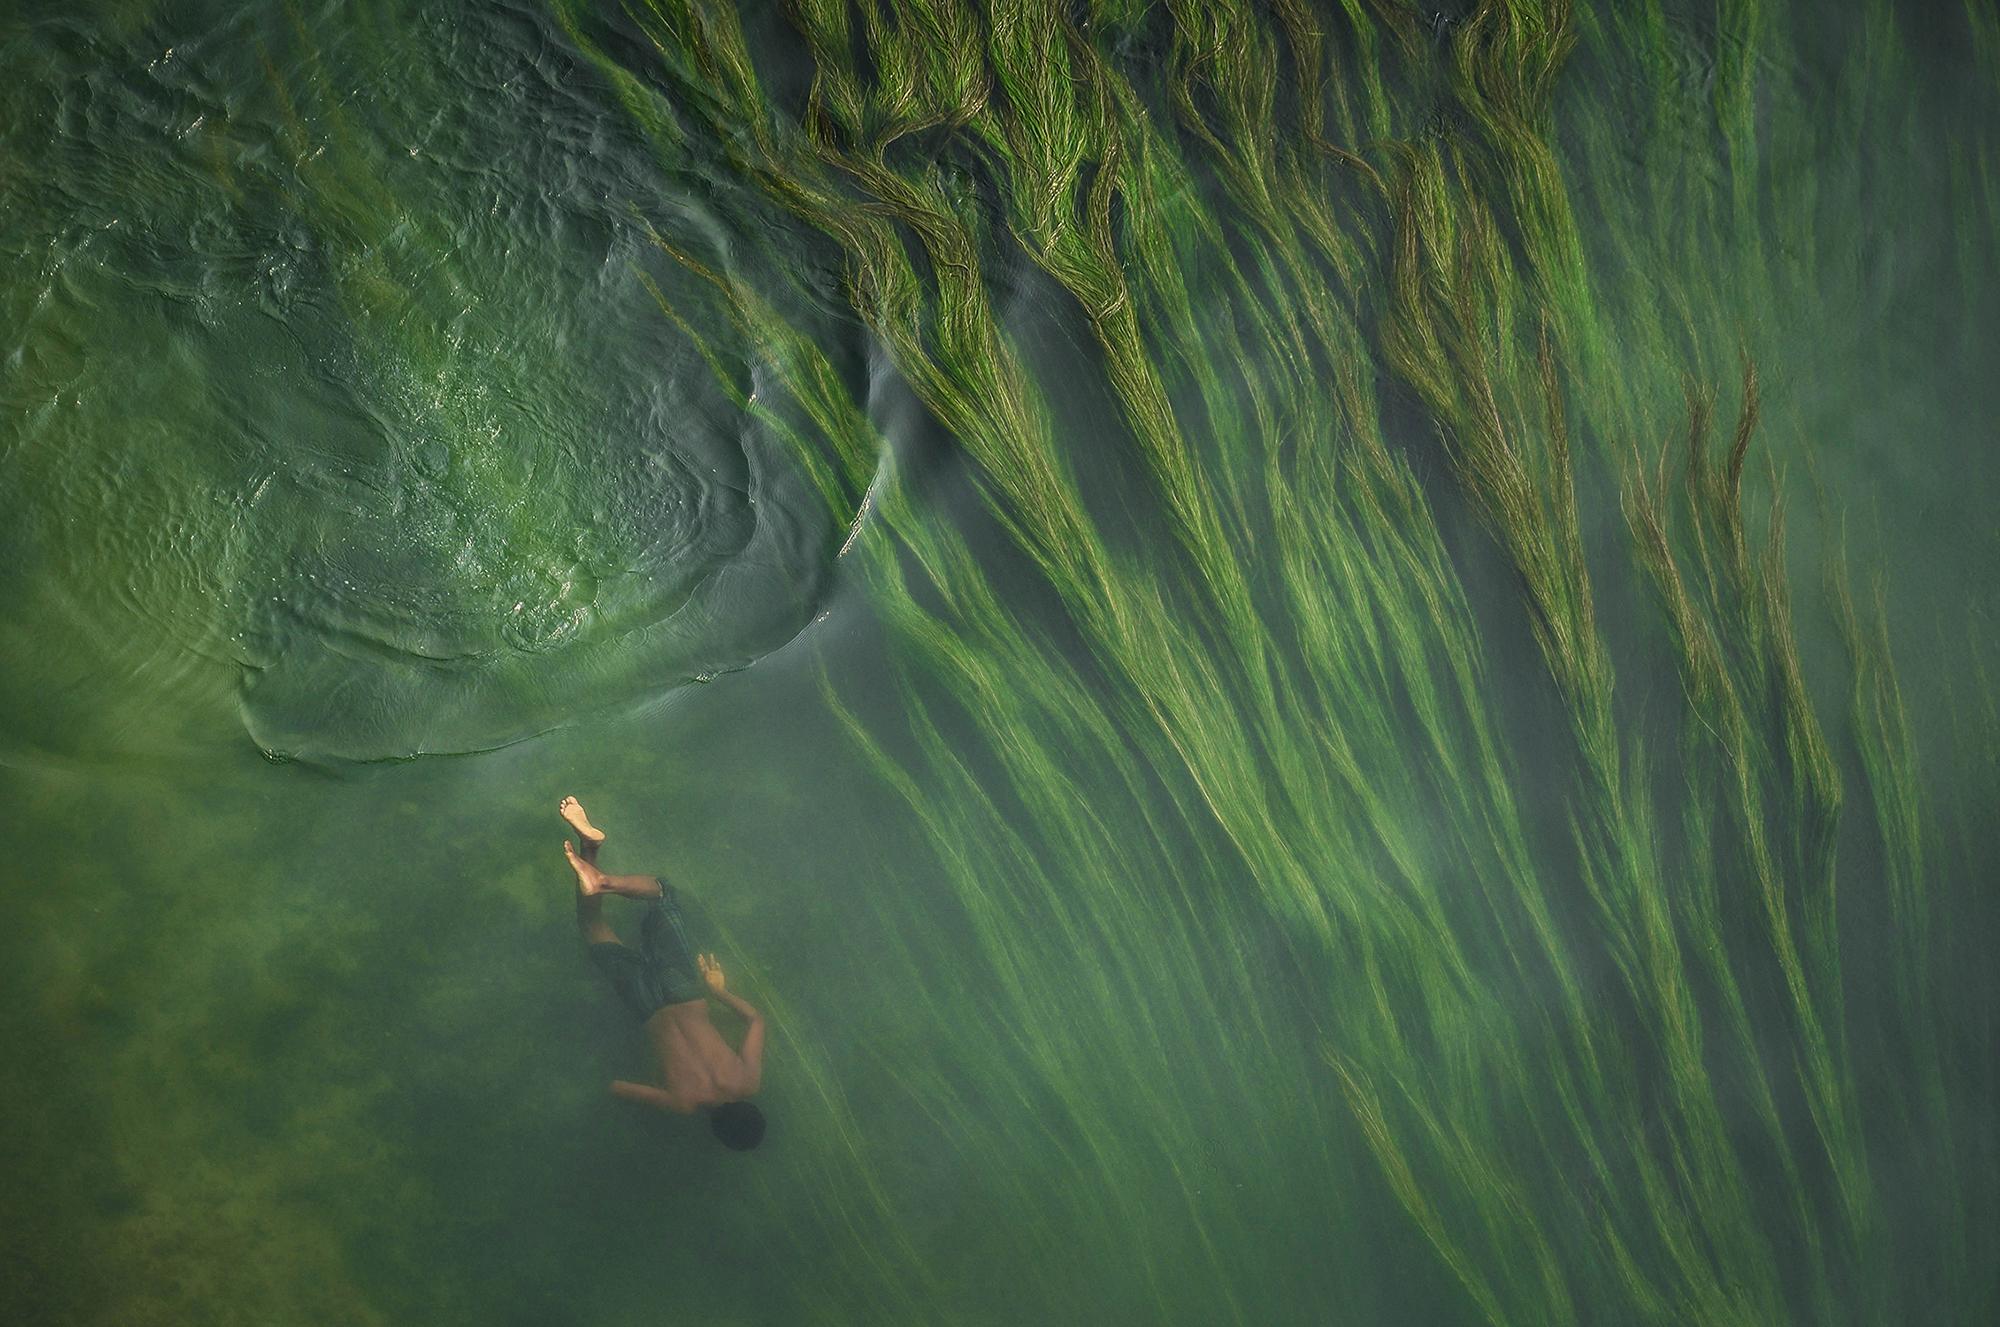 Anindita Roy 拍摄的孟加拉国一个小男孩在充满淡水藻类的水中游泳的照片